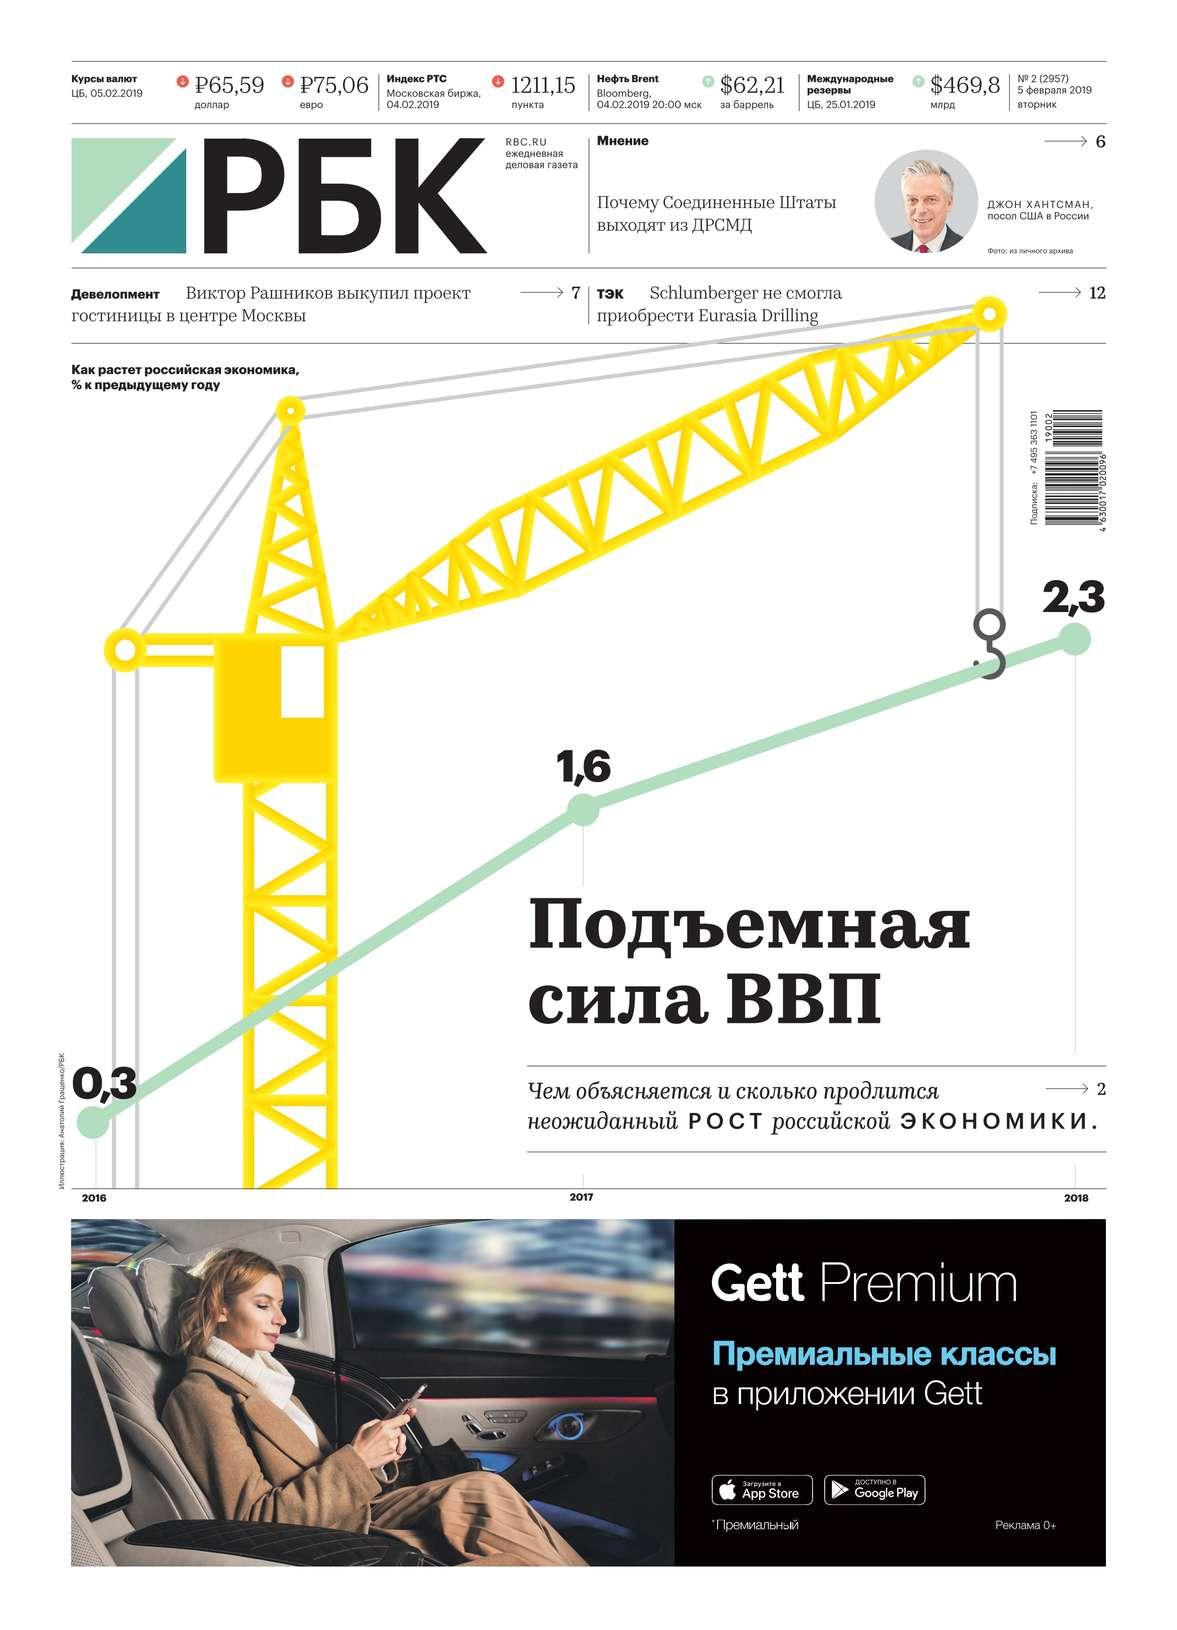 Ежедневная Деловая Газета Рбк 02-2019